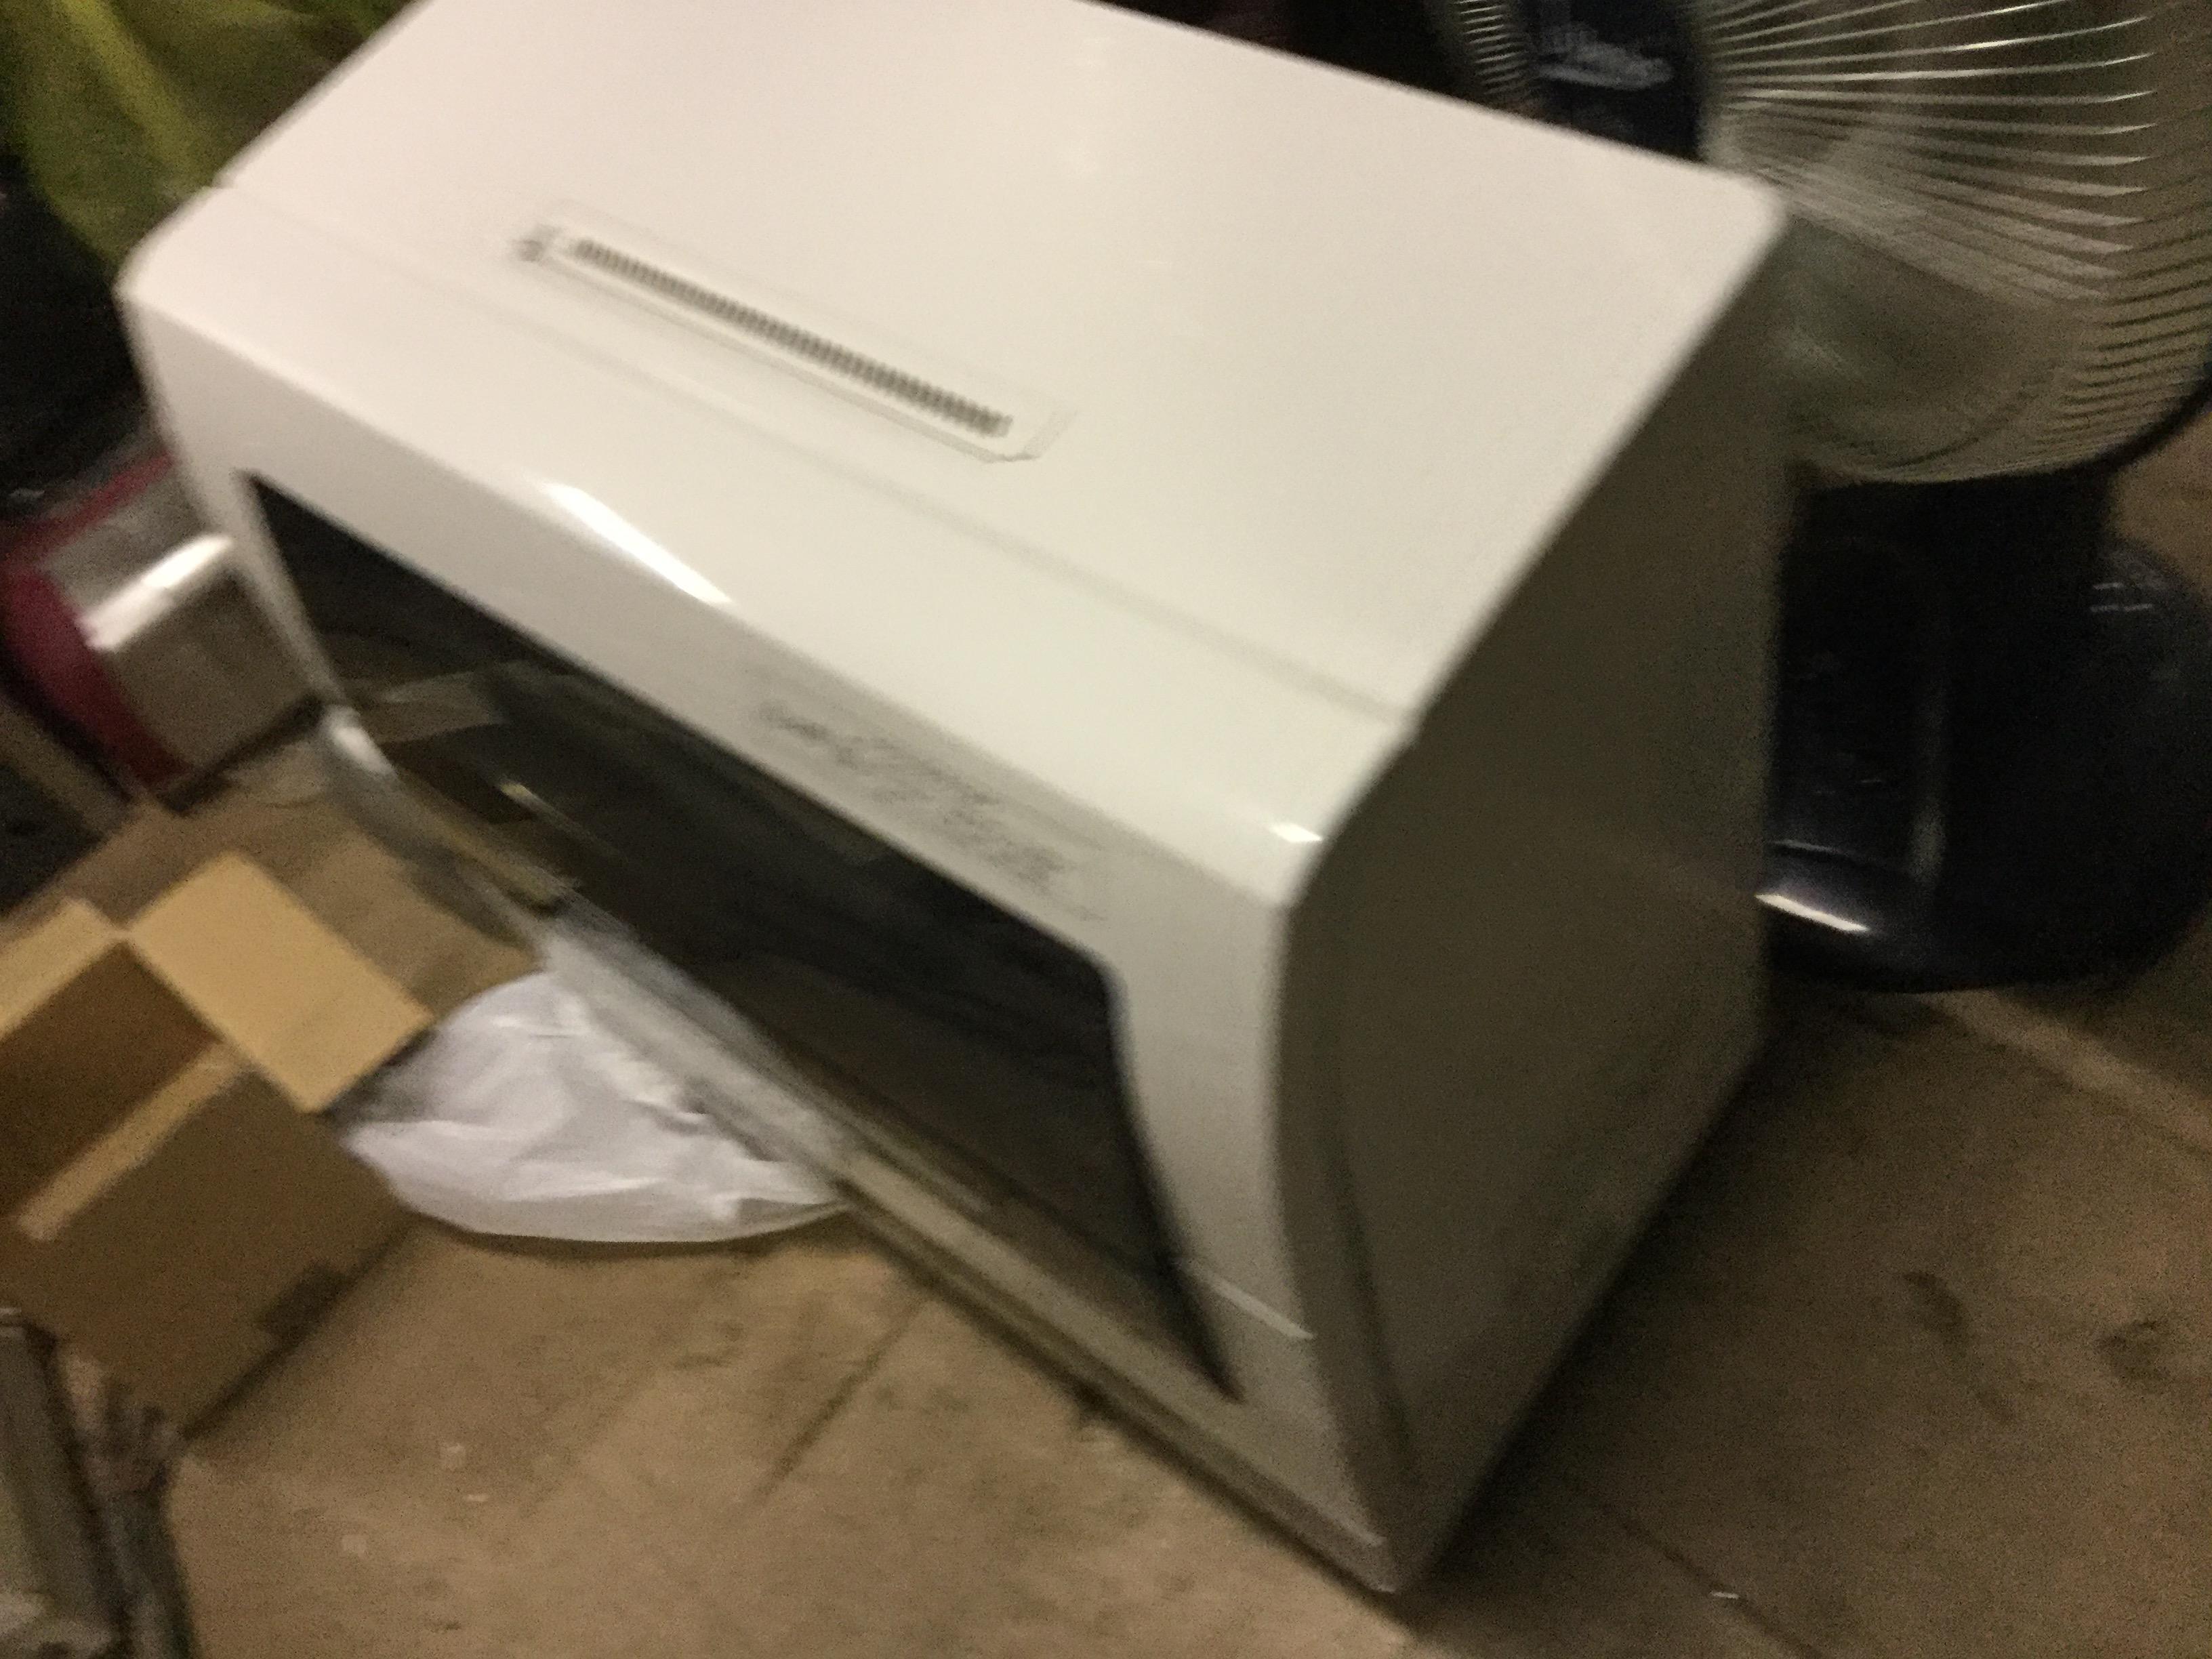 津山市で不用品回収した食洗機